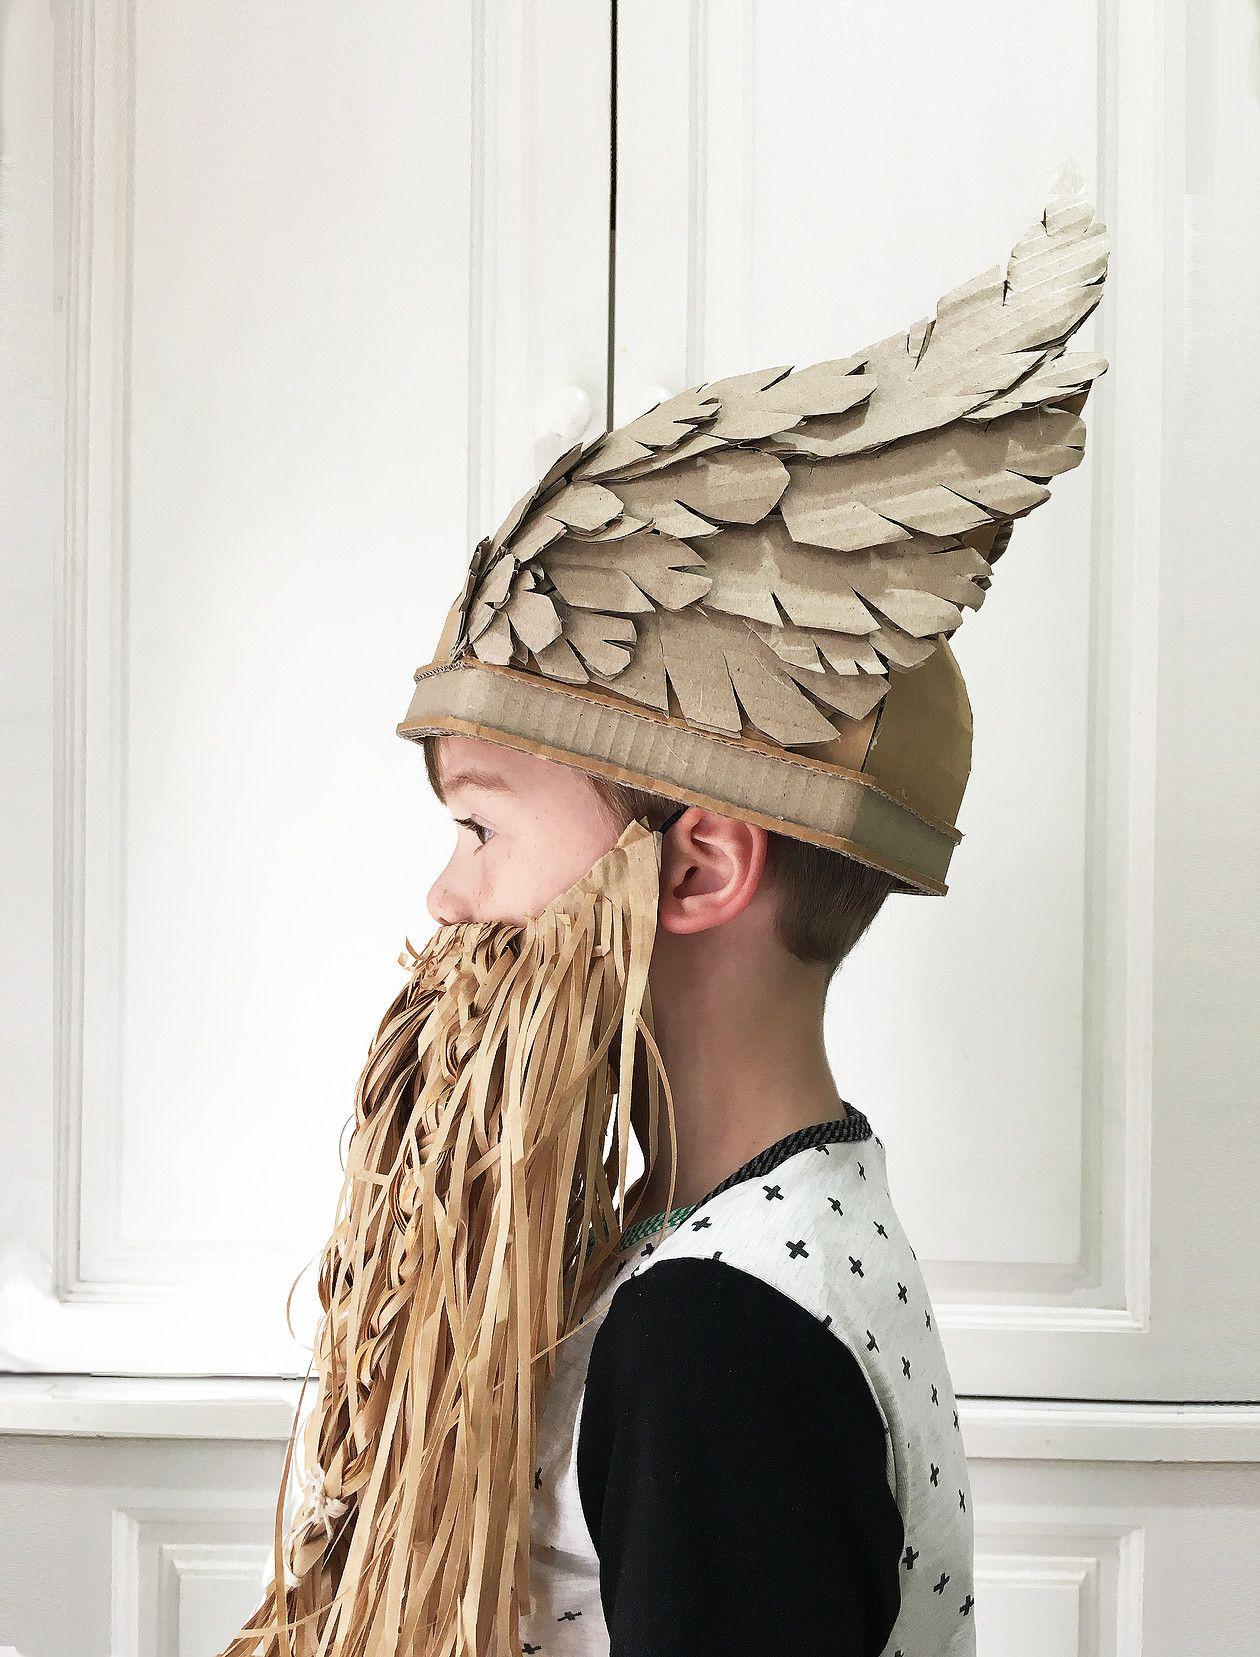 CARDBOARD VIKING HELMET WITH WINGS | DIY Cardboard Costume ...